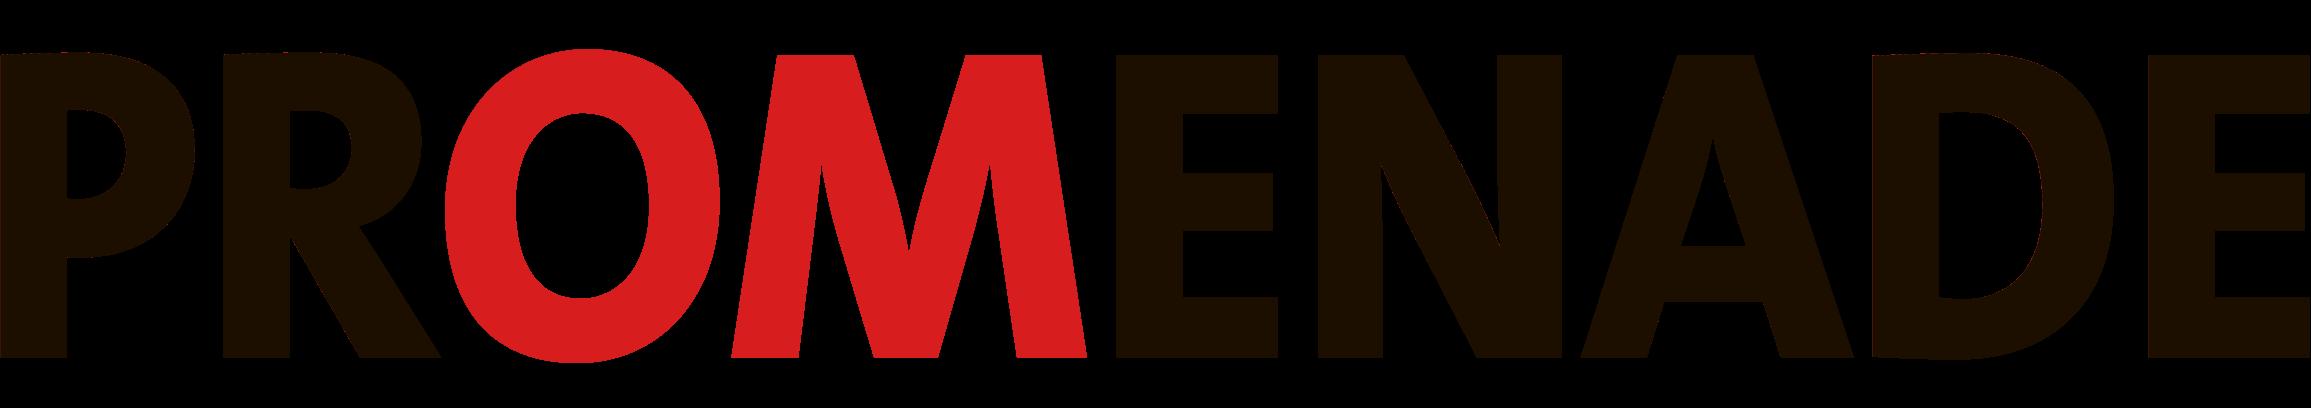 Promenade Magazin